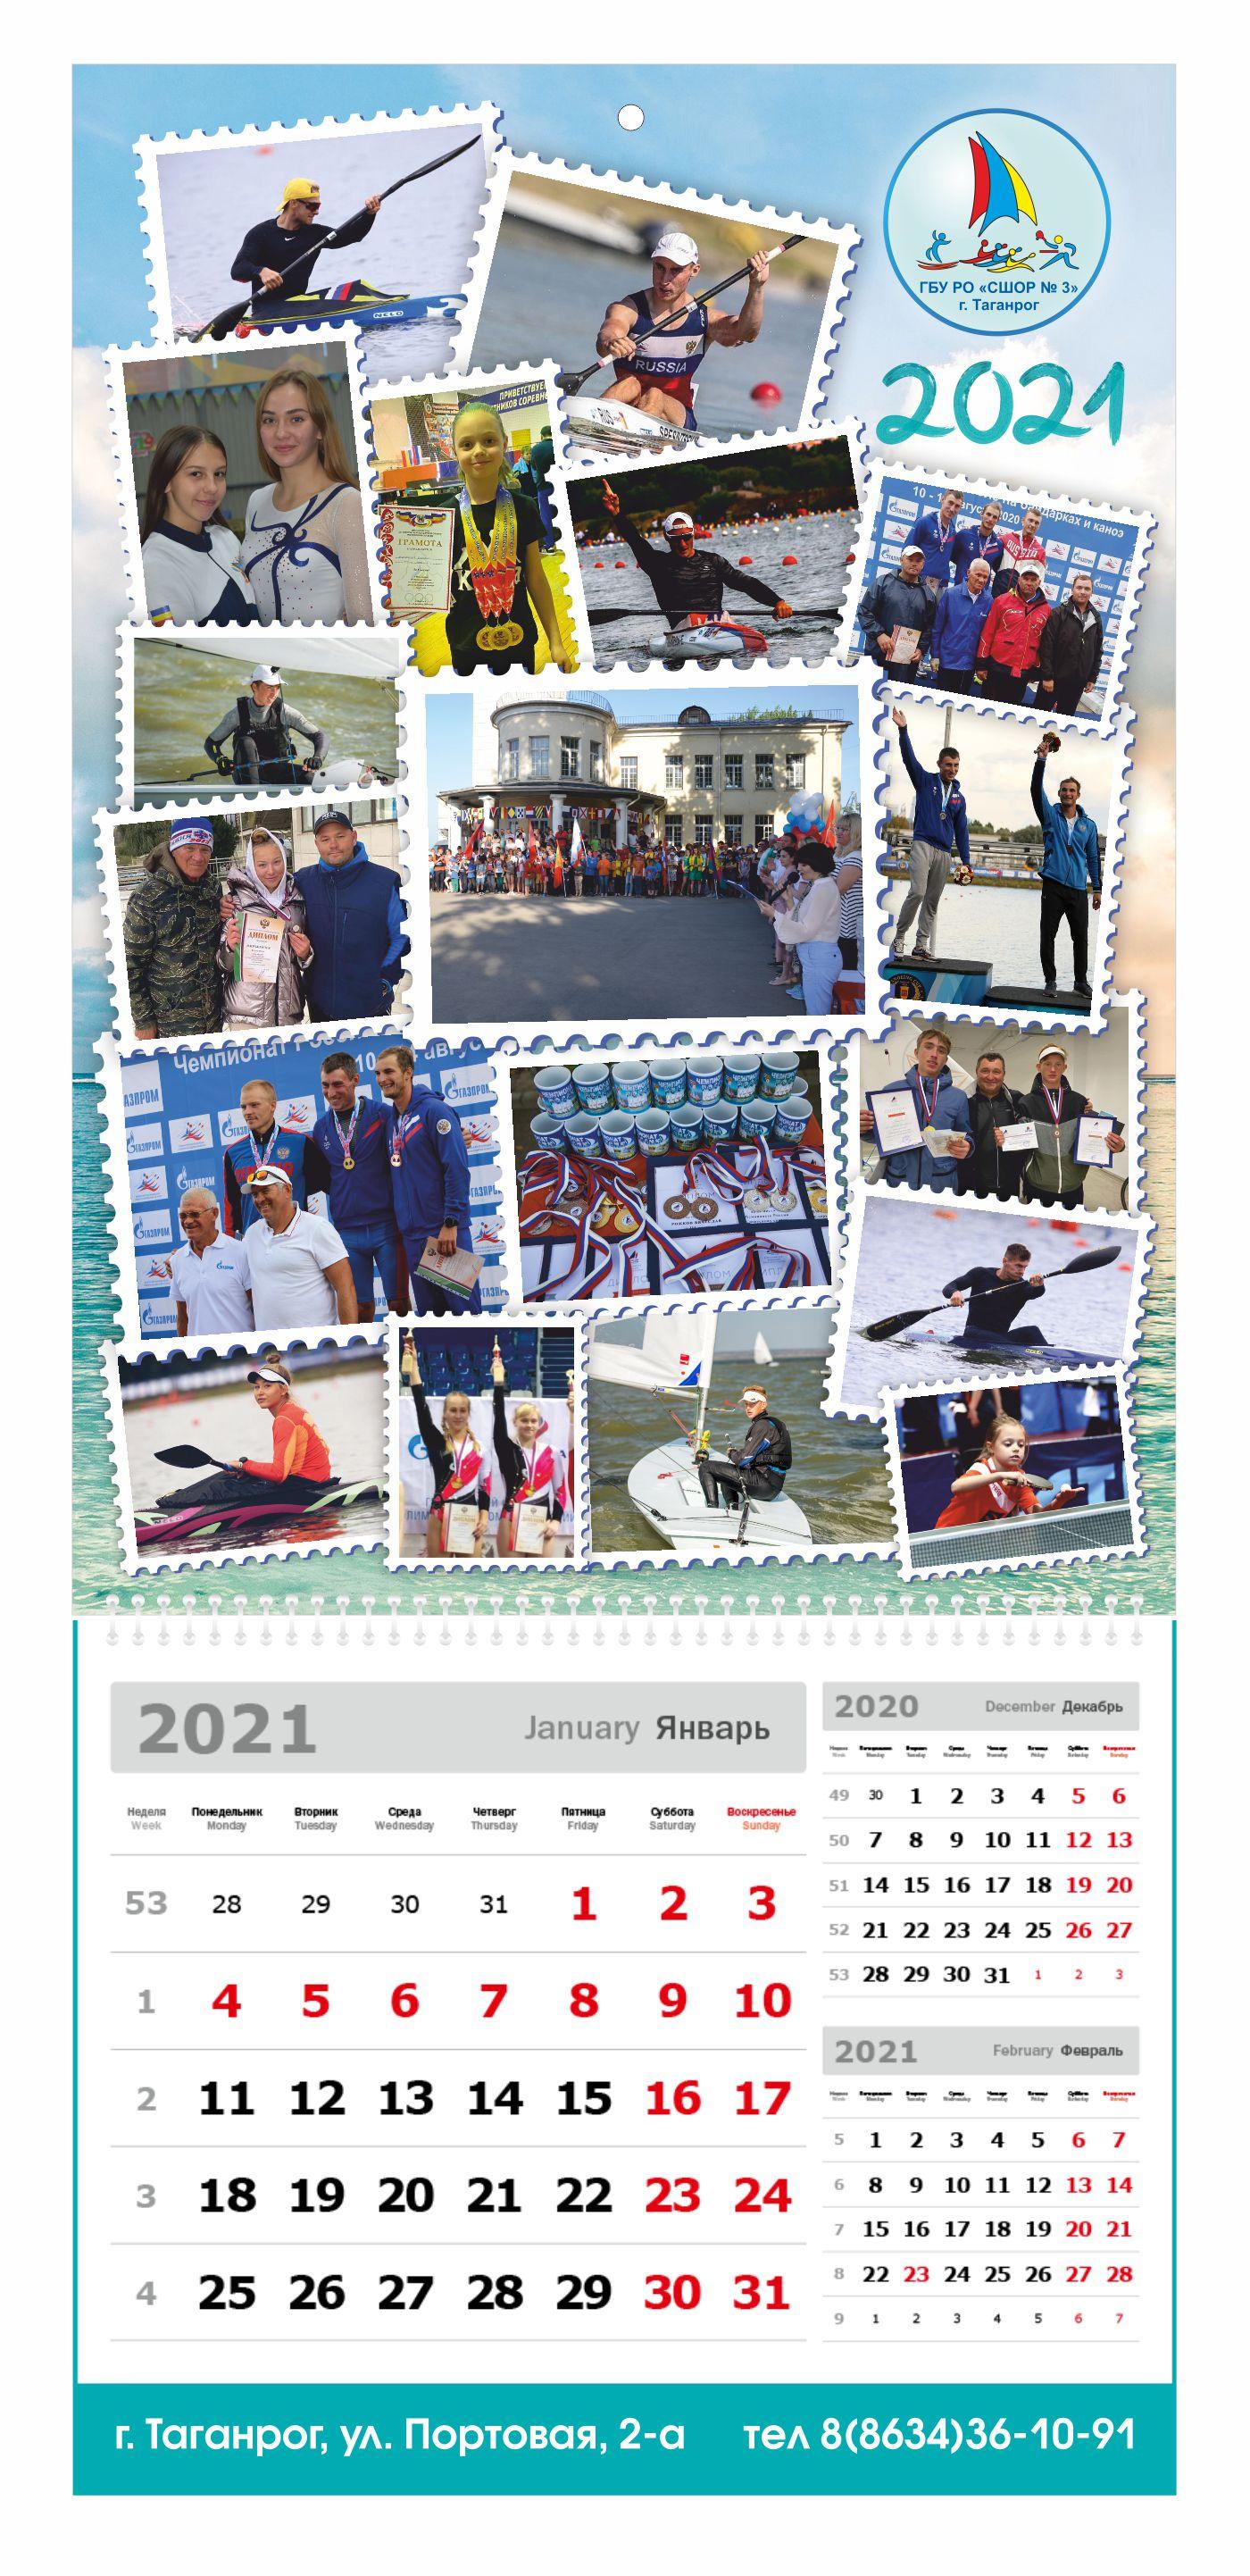 Календарь Яхтклуб 2021_4 (1)